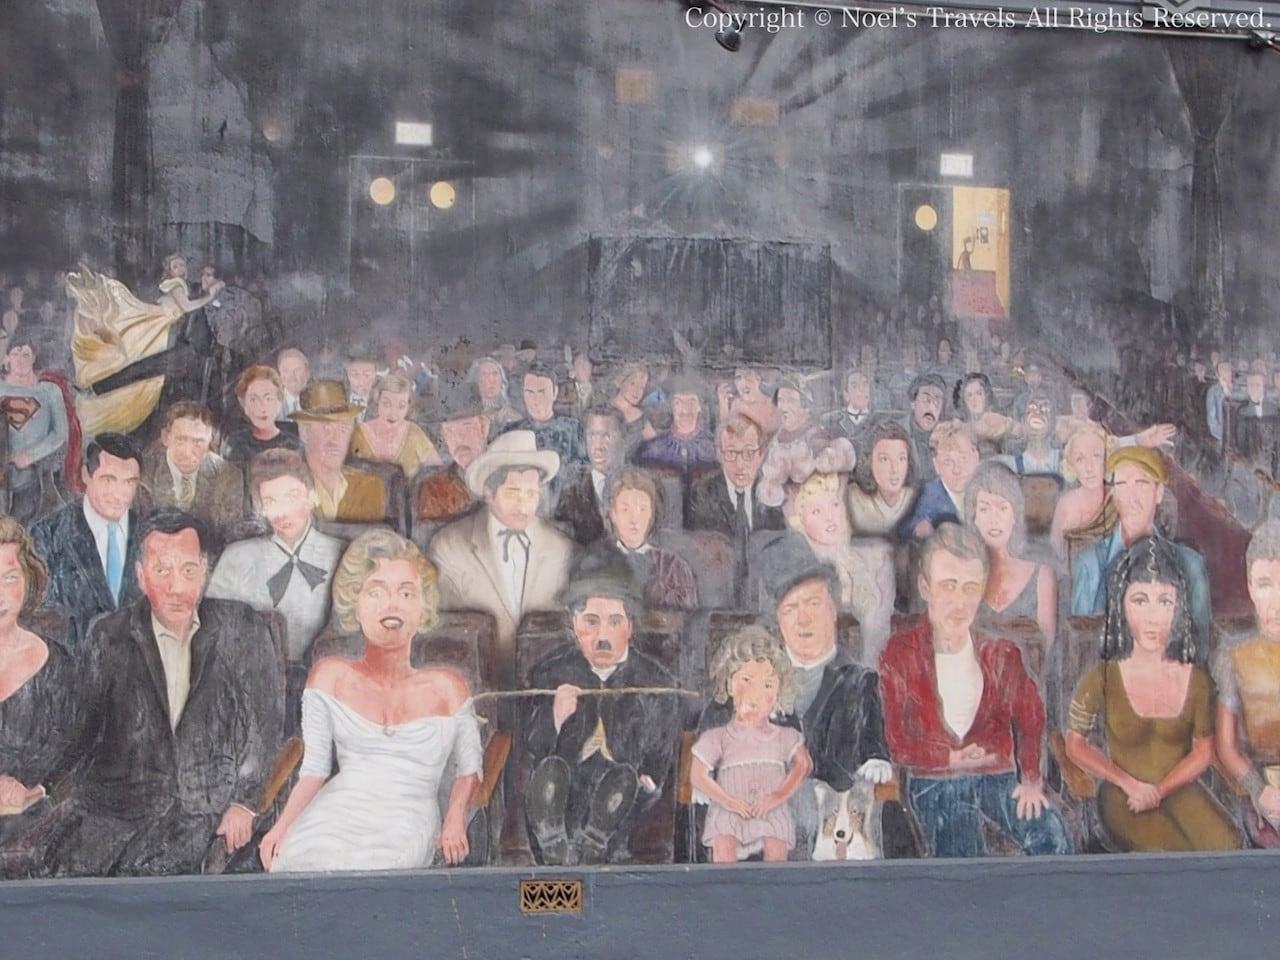 ハリウッドのスターの壁画